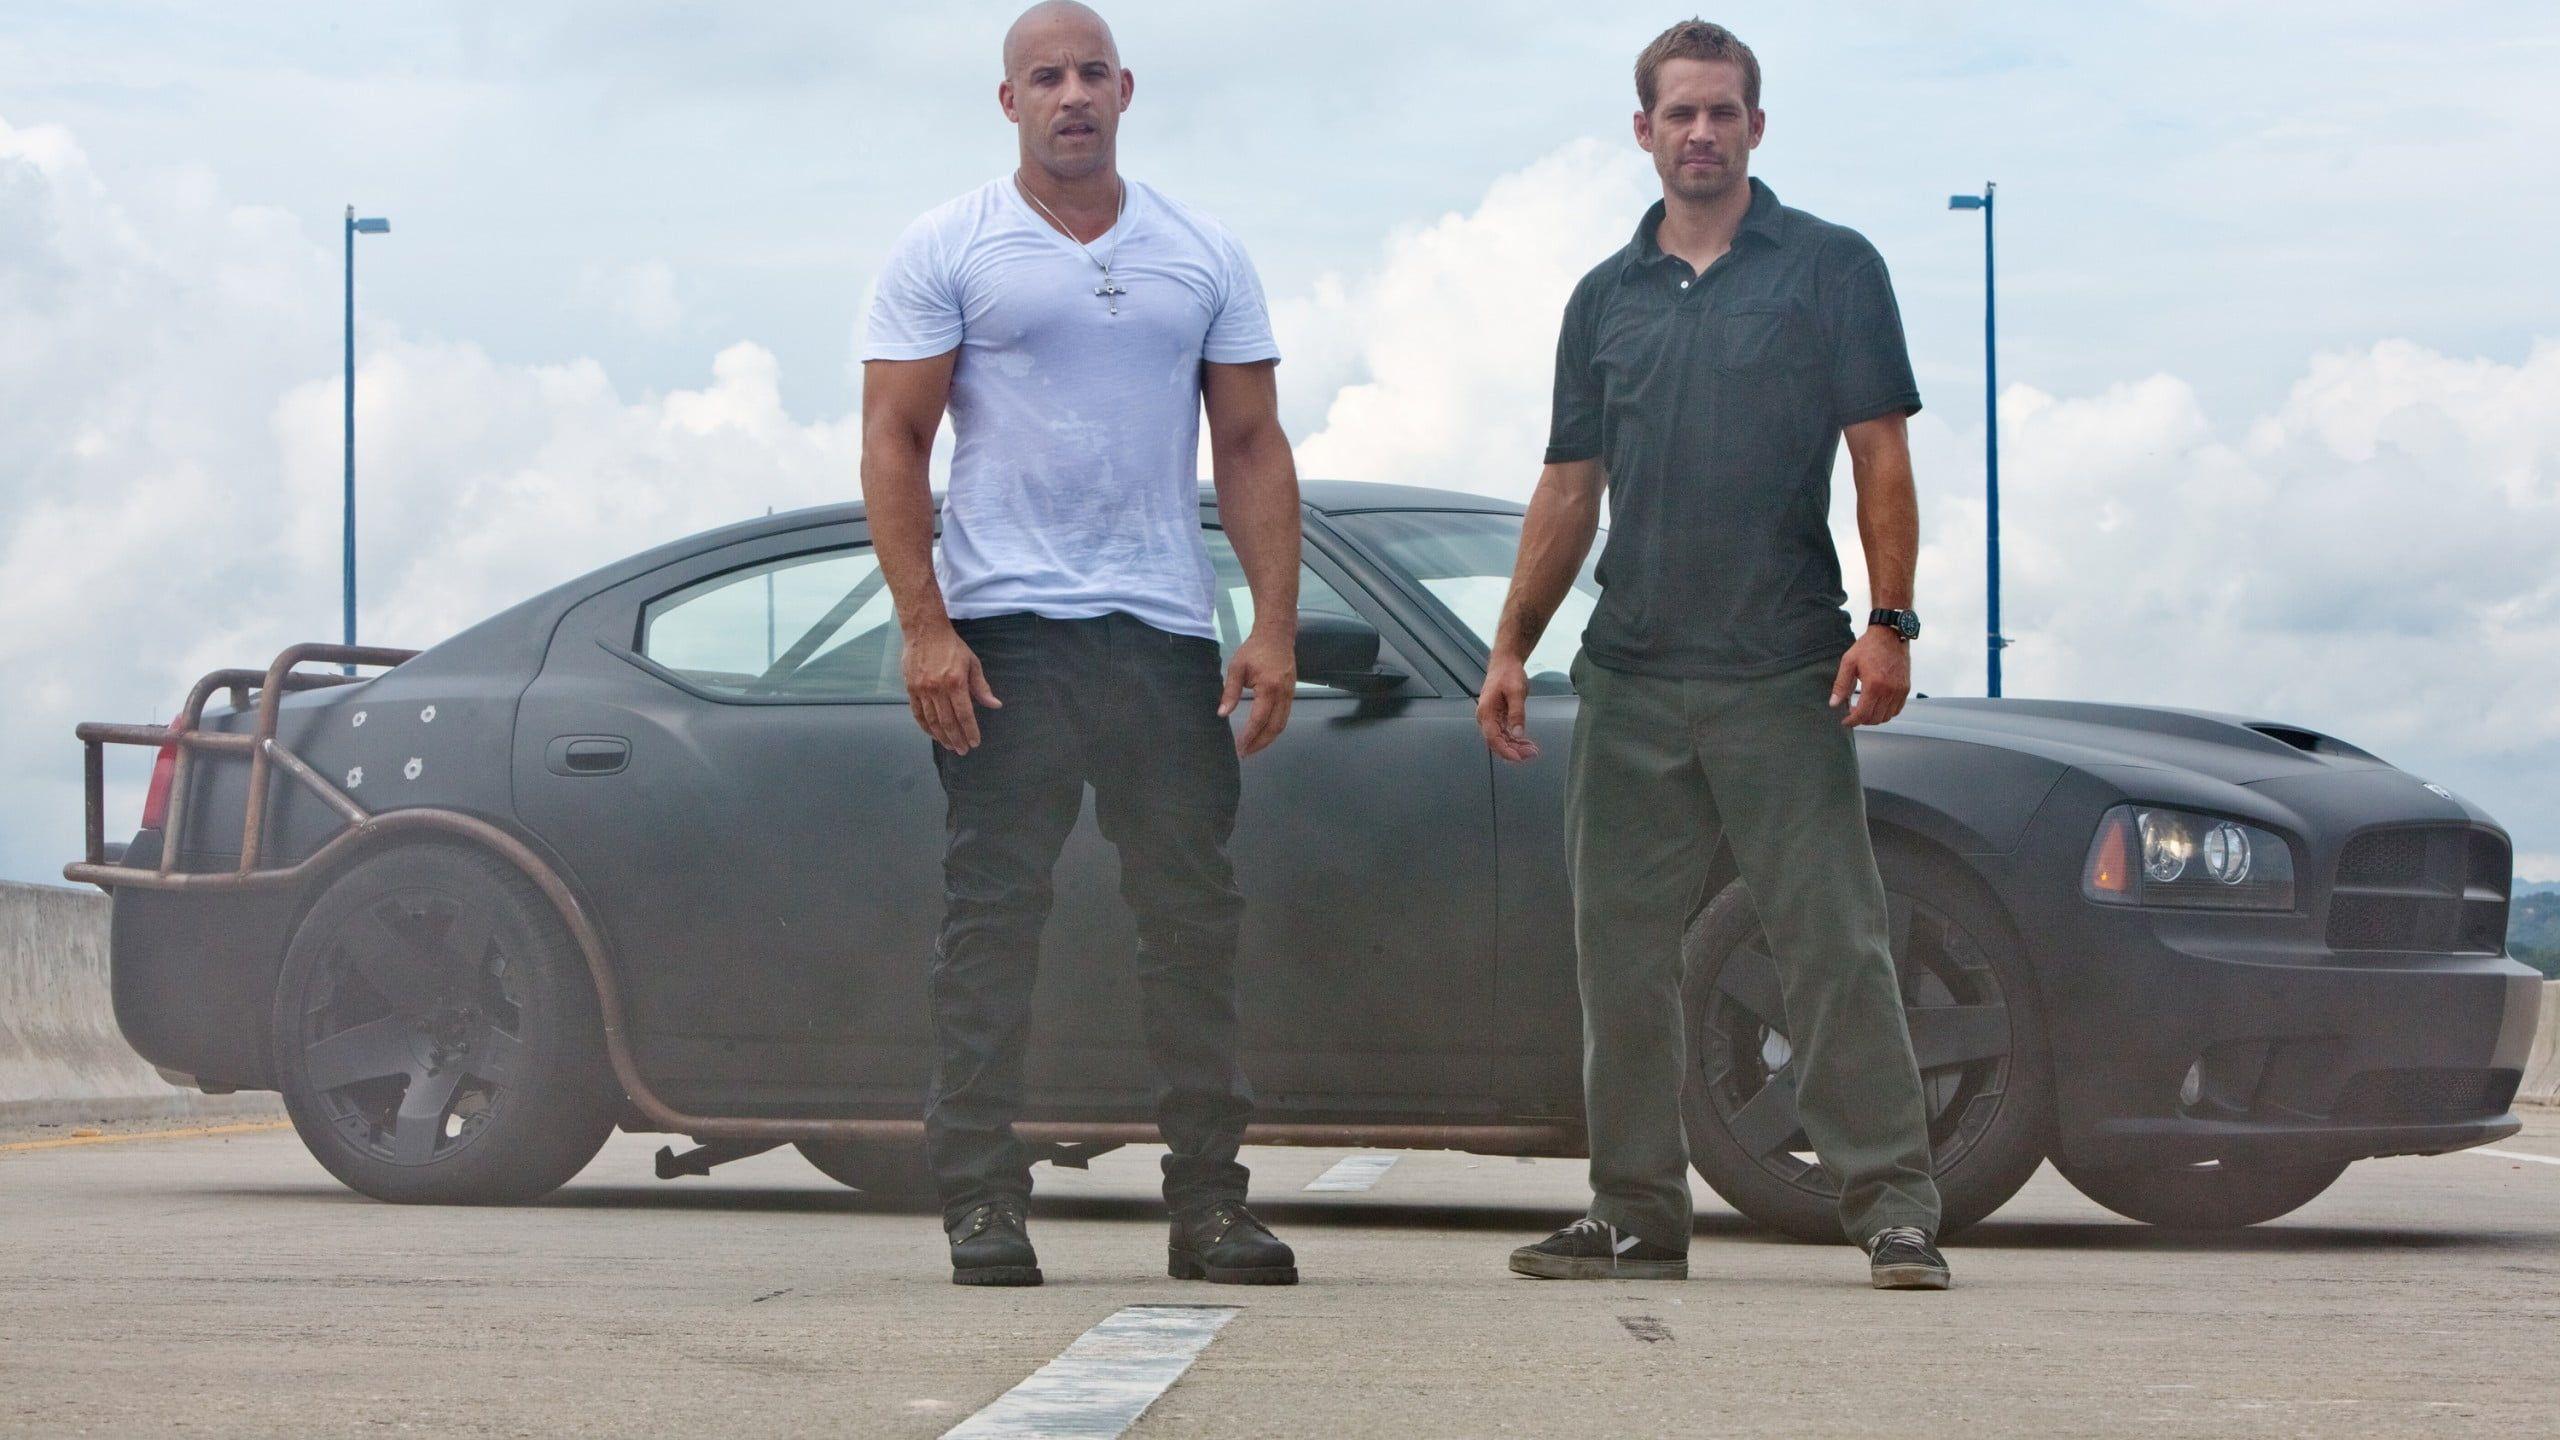 Vin Diesel Car Wallpaper Photo Fast And Furious Paul Walker Vin Diesel